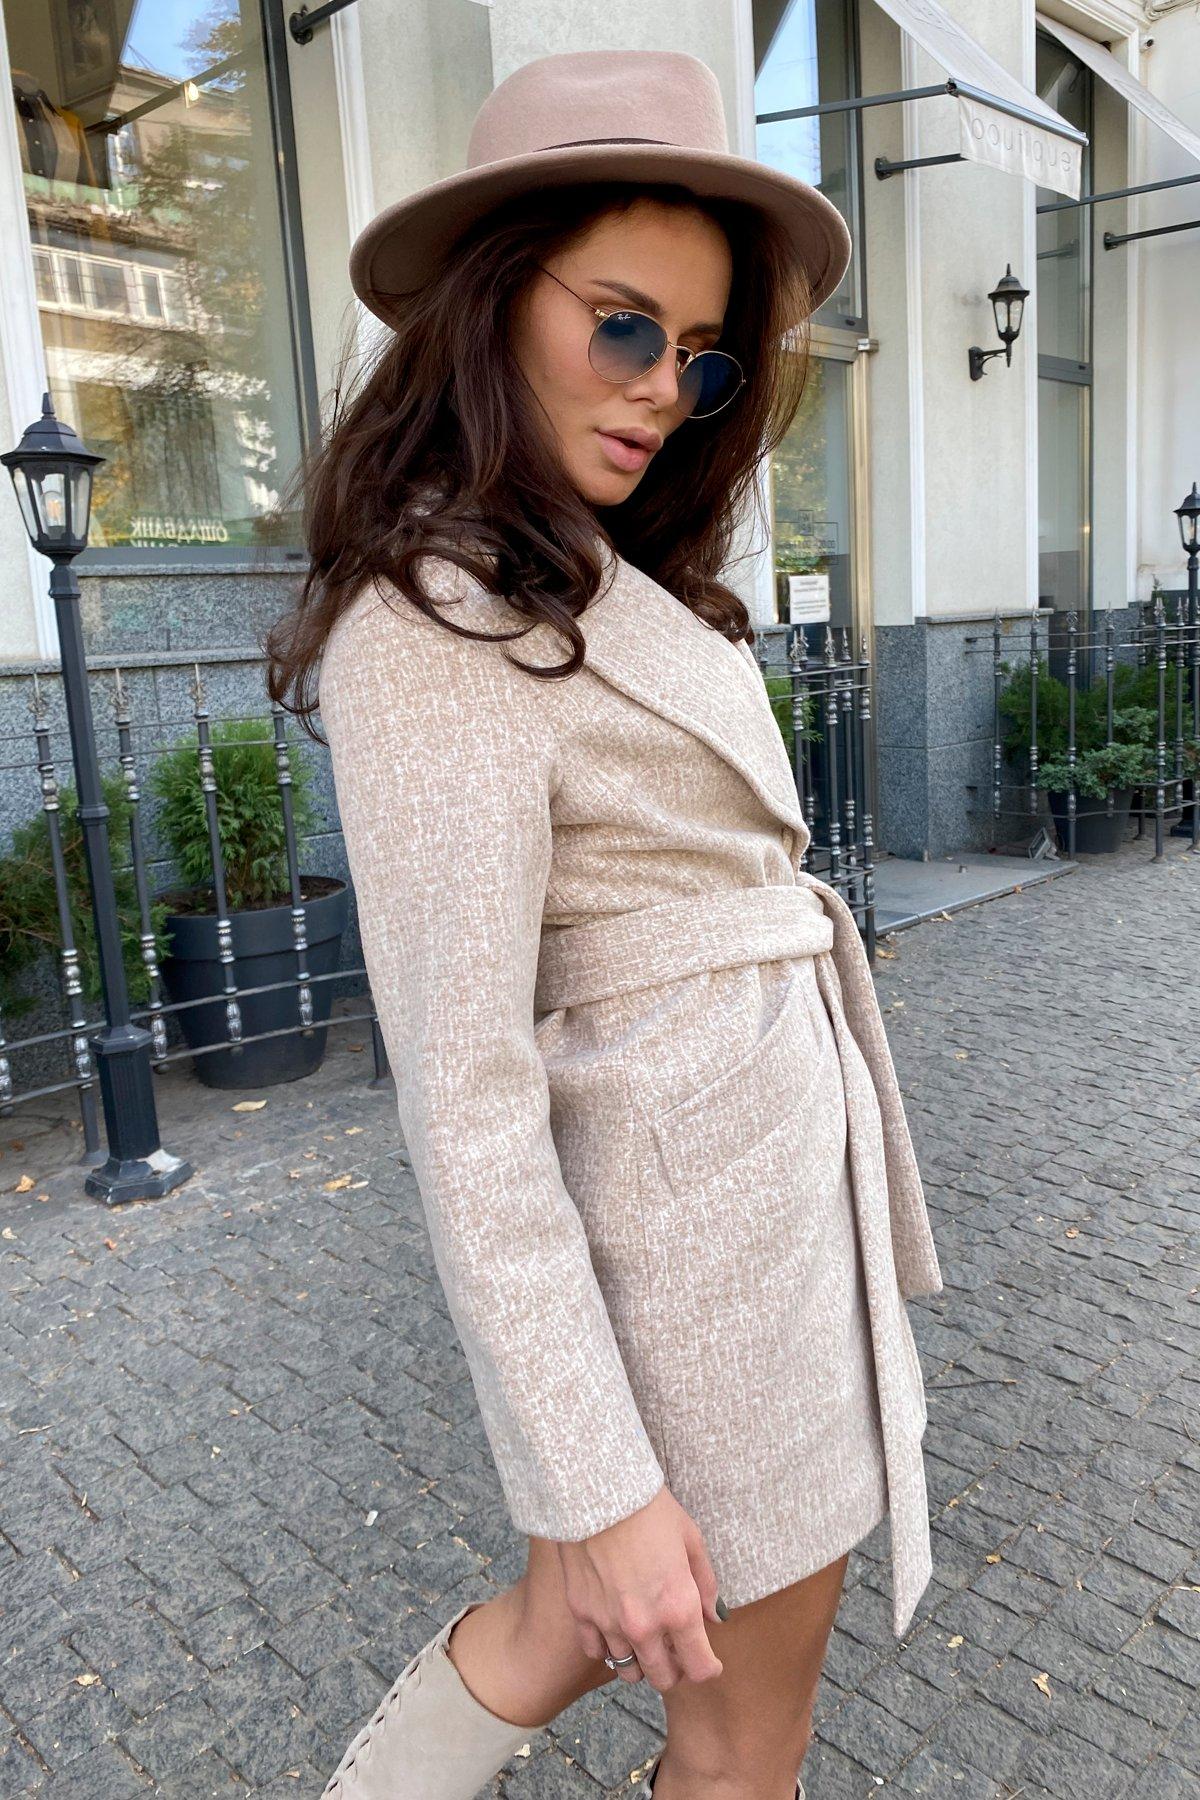 Вейсона кашемир на трикотаже текстурный пальто 9872 АРТ. 46160 Цвет: Бежевый/молоко - фото 13, интернет магазин tm-modus.ru